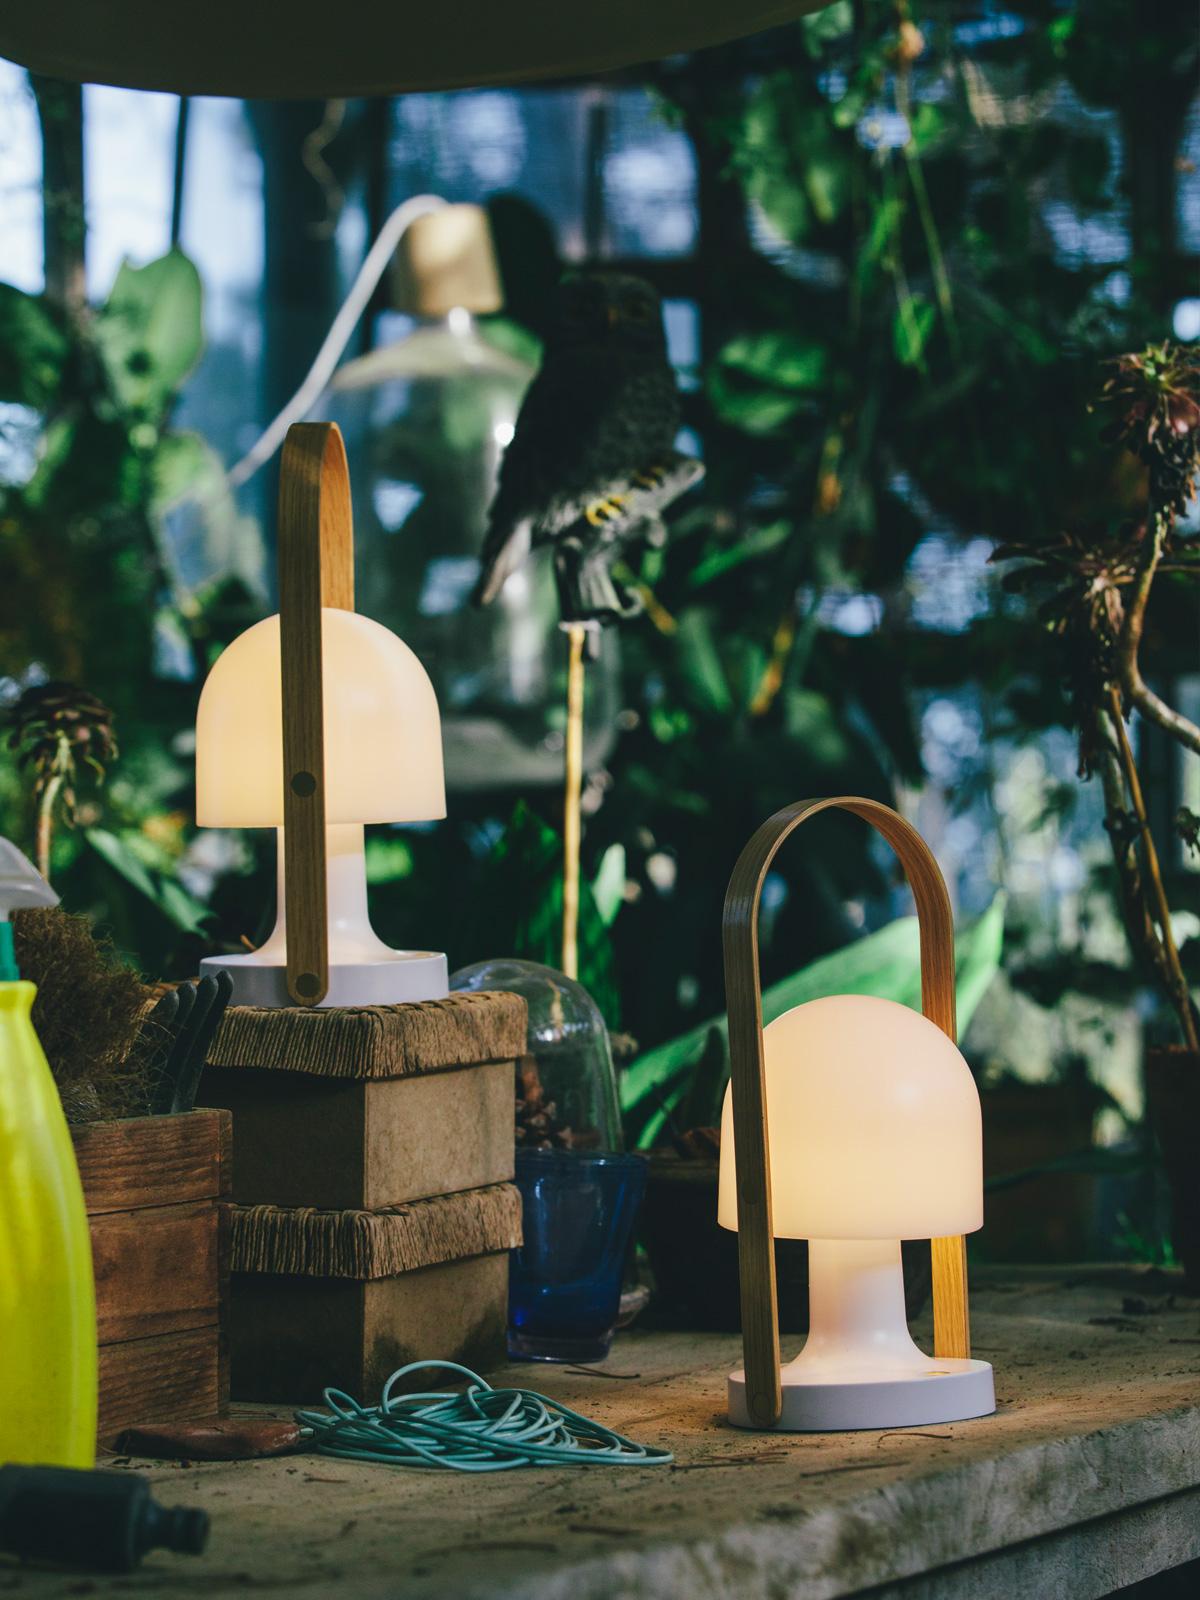 DesignOrt Blog: Spanische Designerleuchten Followme im Garten